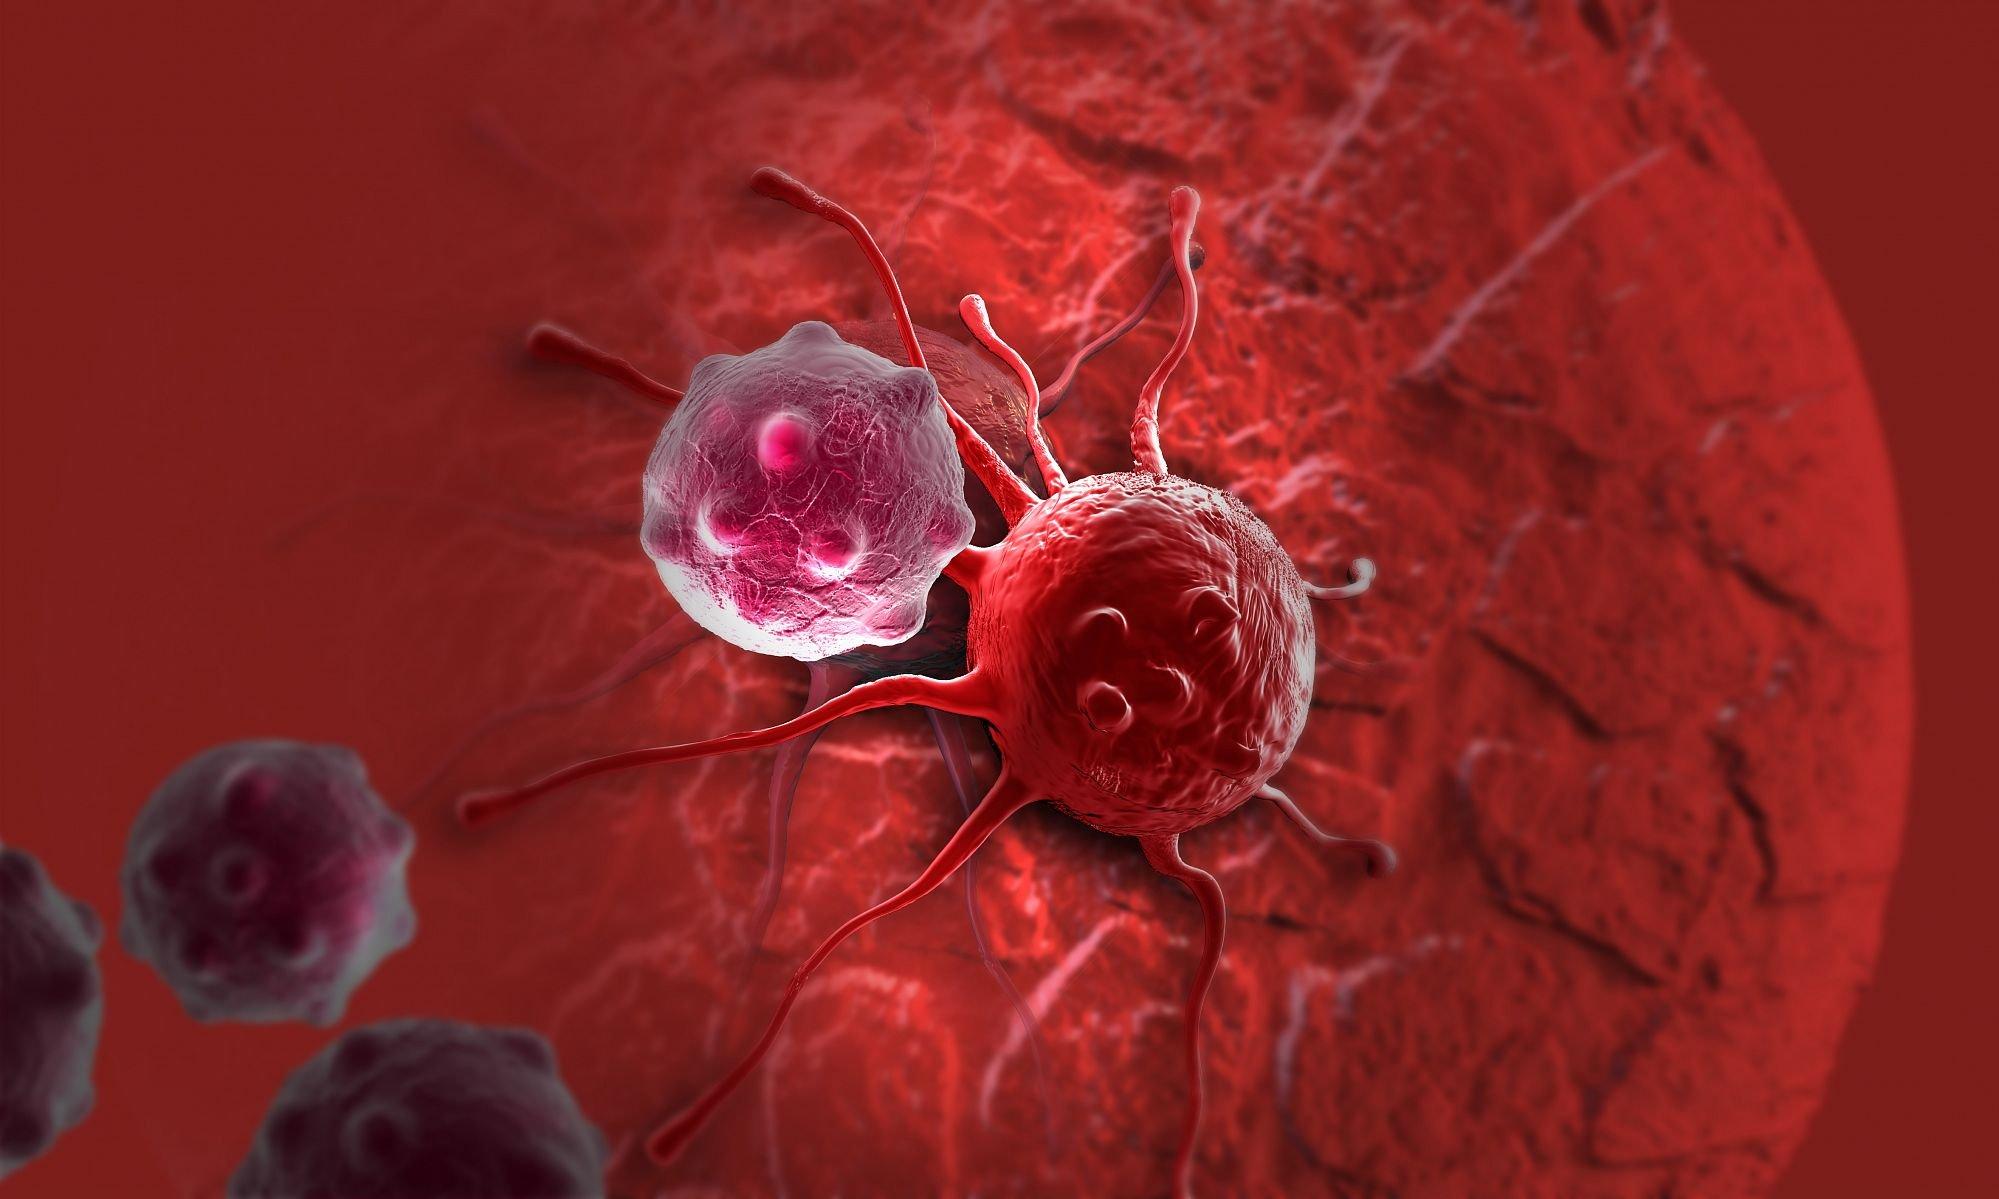 Ученые: Химиотерапия дооперации провоцирует рост метастазов